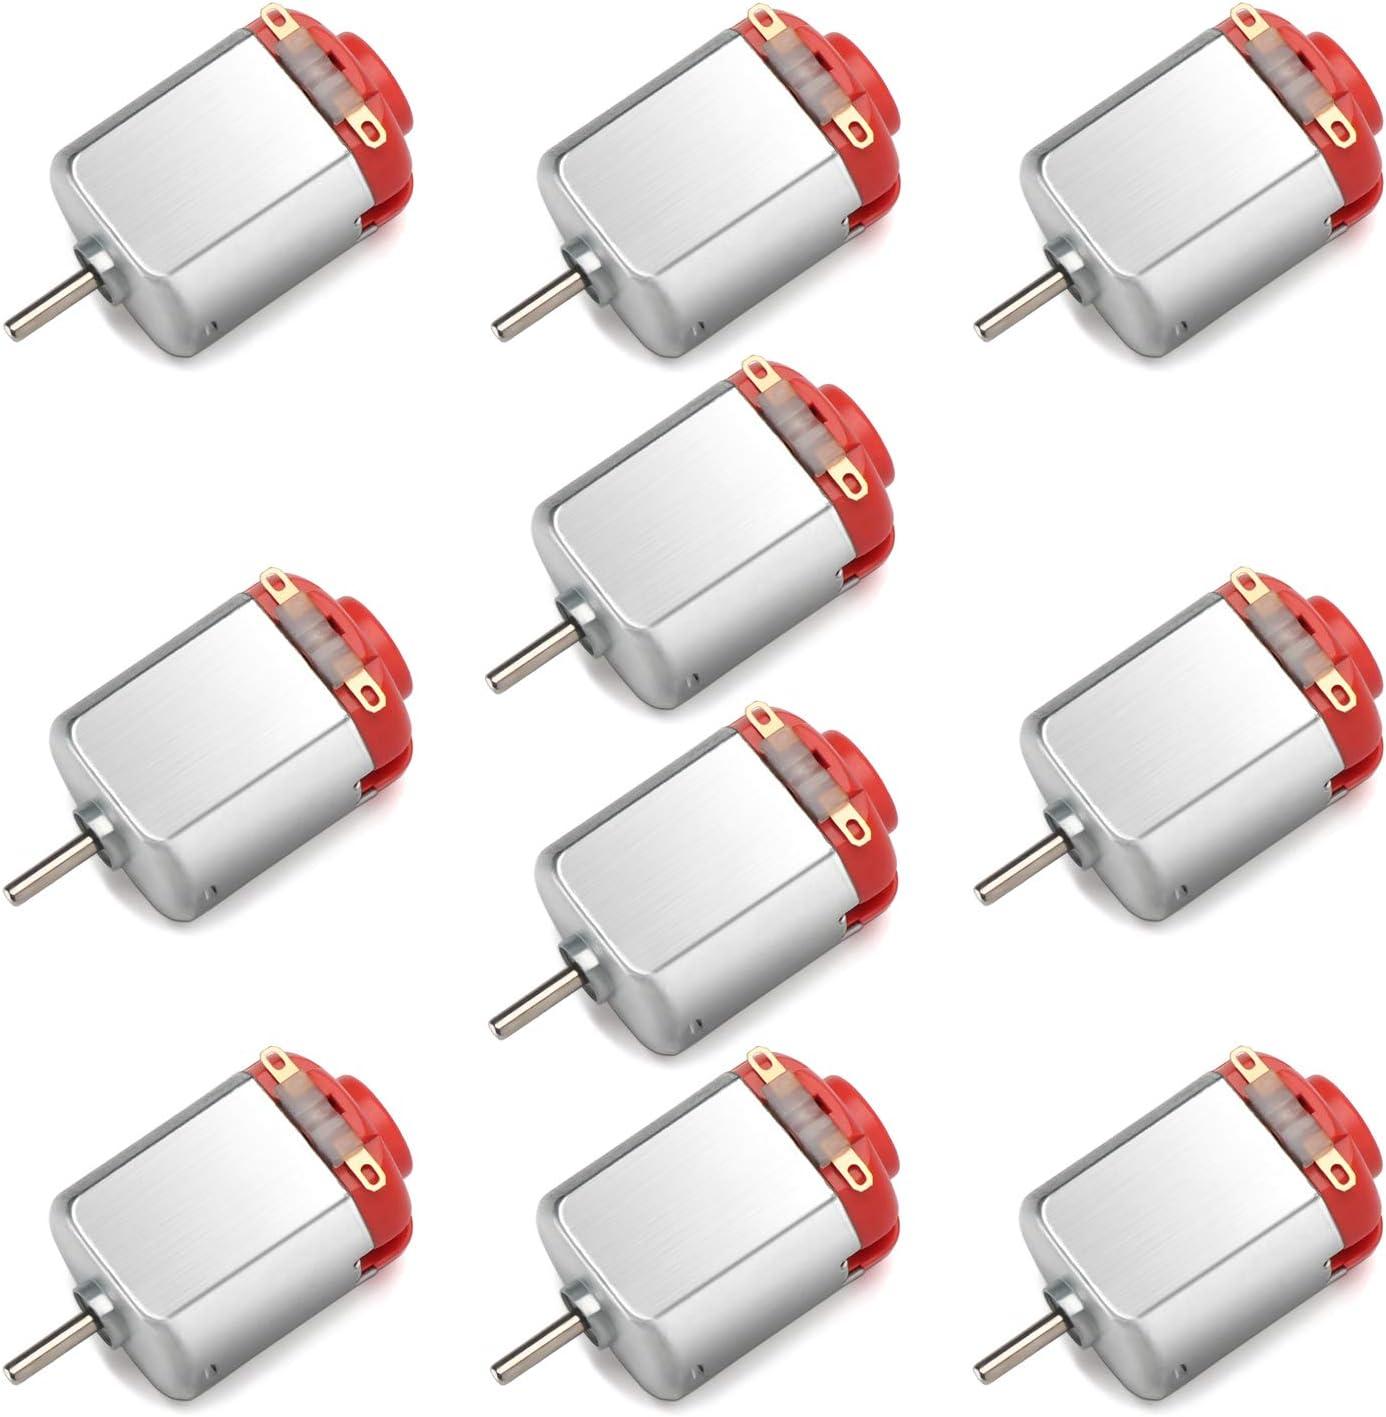 ILS 10 Pieces 130 Micro Motor DC 3V-6V 8000rpm